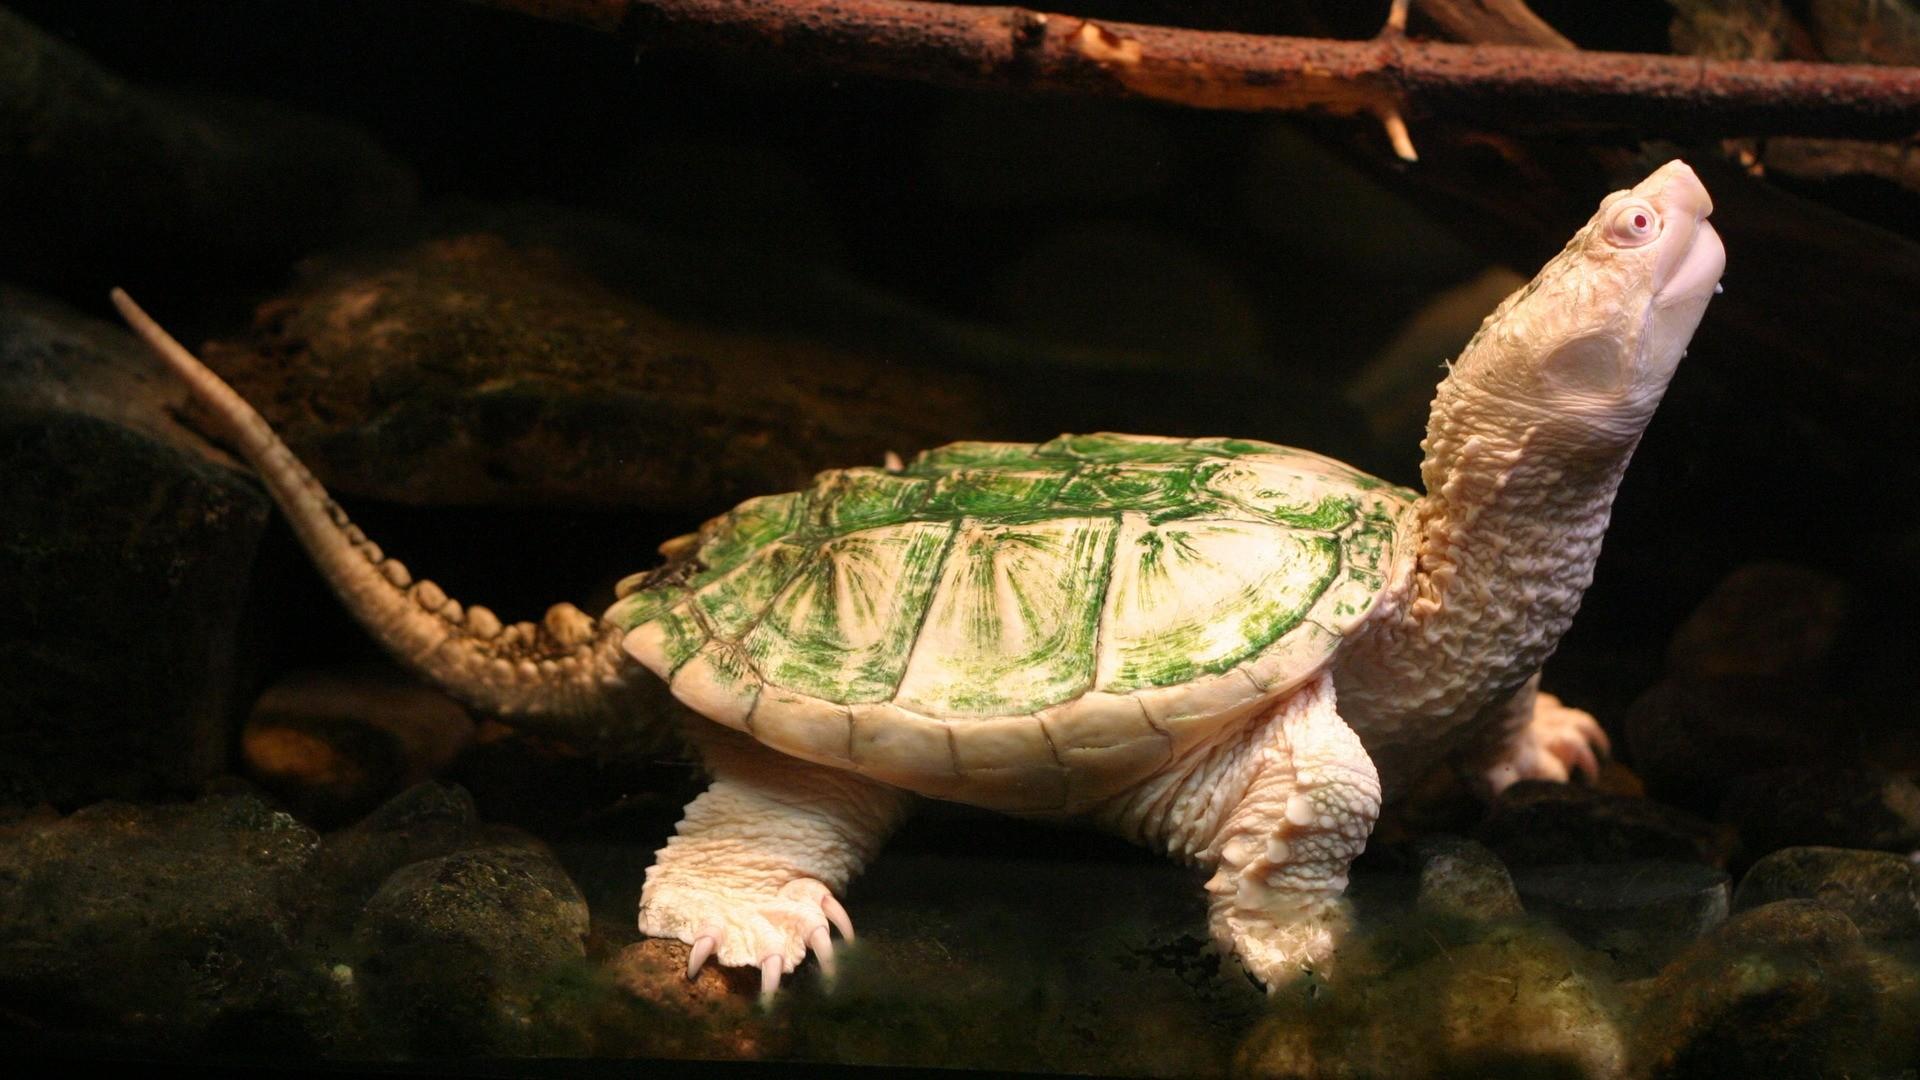 Cute Turtle Wallpaper For Iphone Hd Turtle Wallpapers Pixelstalk Net